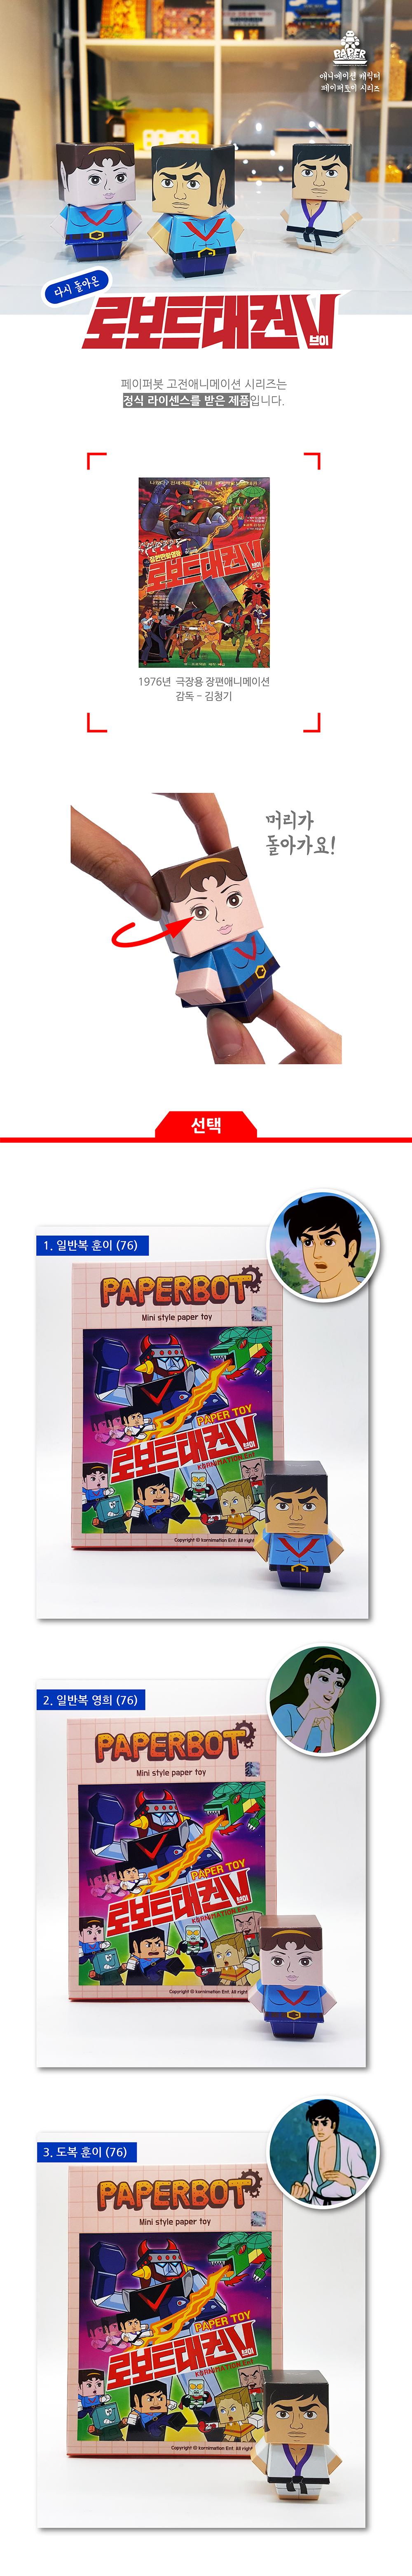 미니스타일 페이퍼토이 - 태권브이 시리즈1 훈이영희 - 페이퍼봇, 4,000원, 페이퍼 토이, 캐릭터